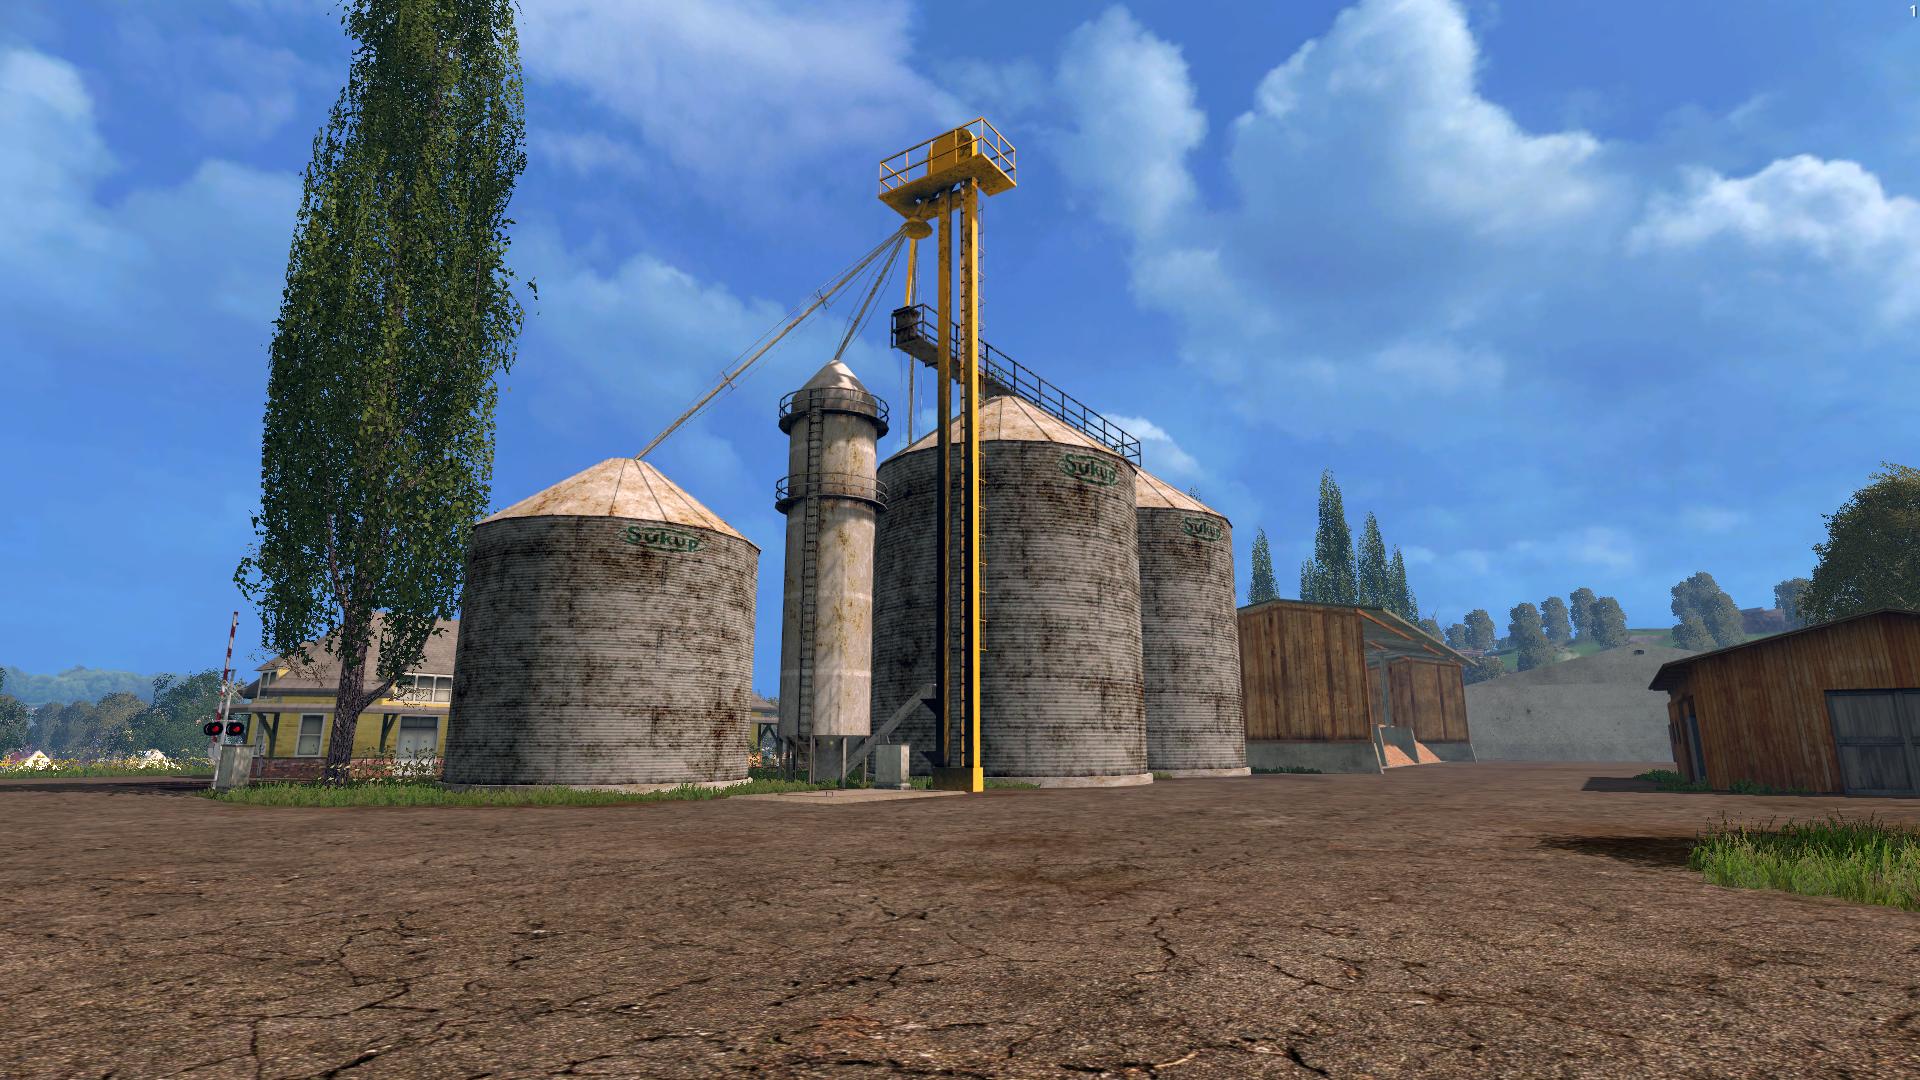 Euro truck simulator 2 o comeccedilo 1 - 4 7